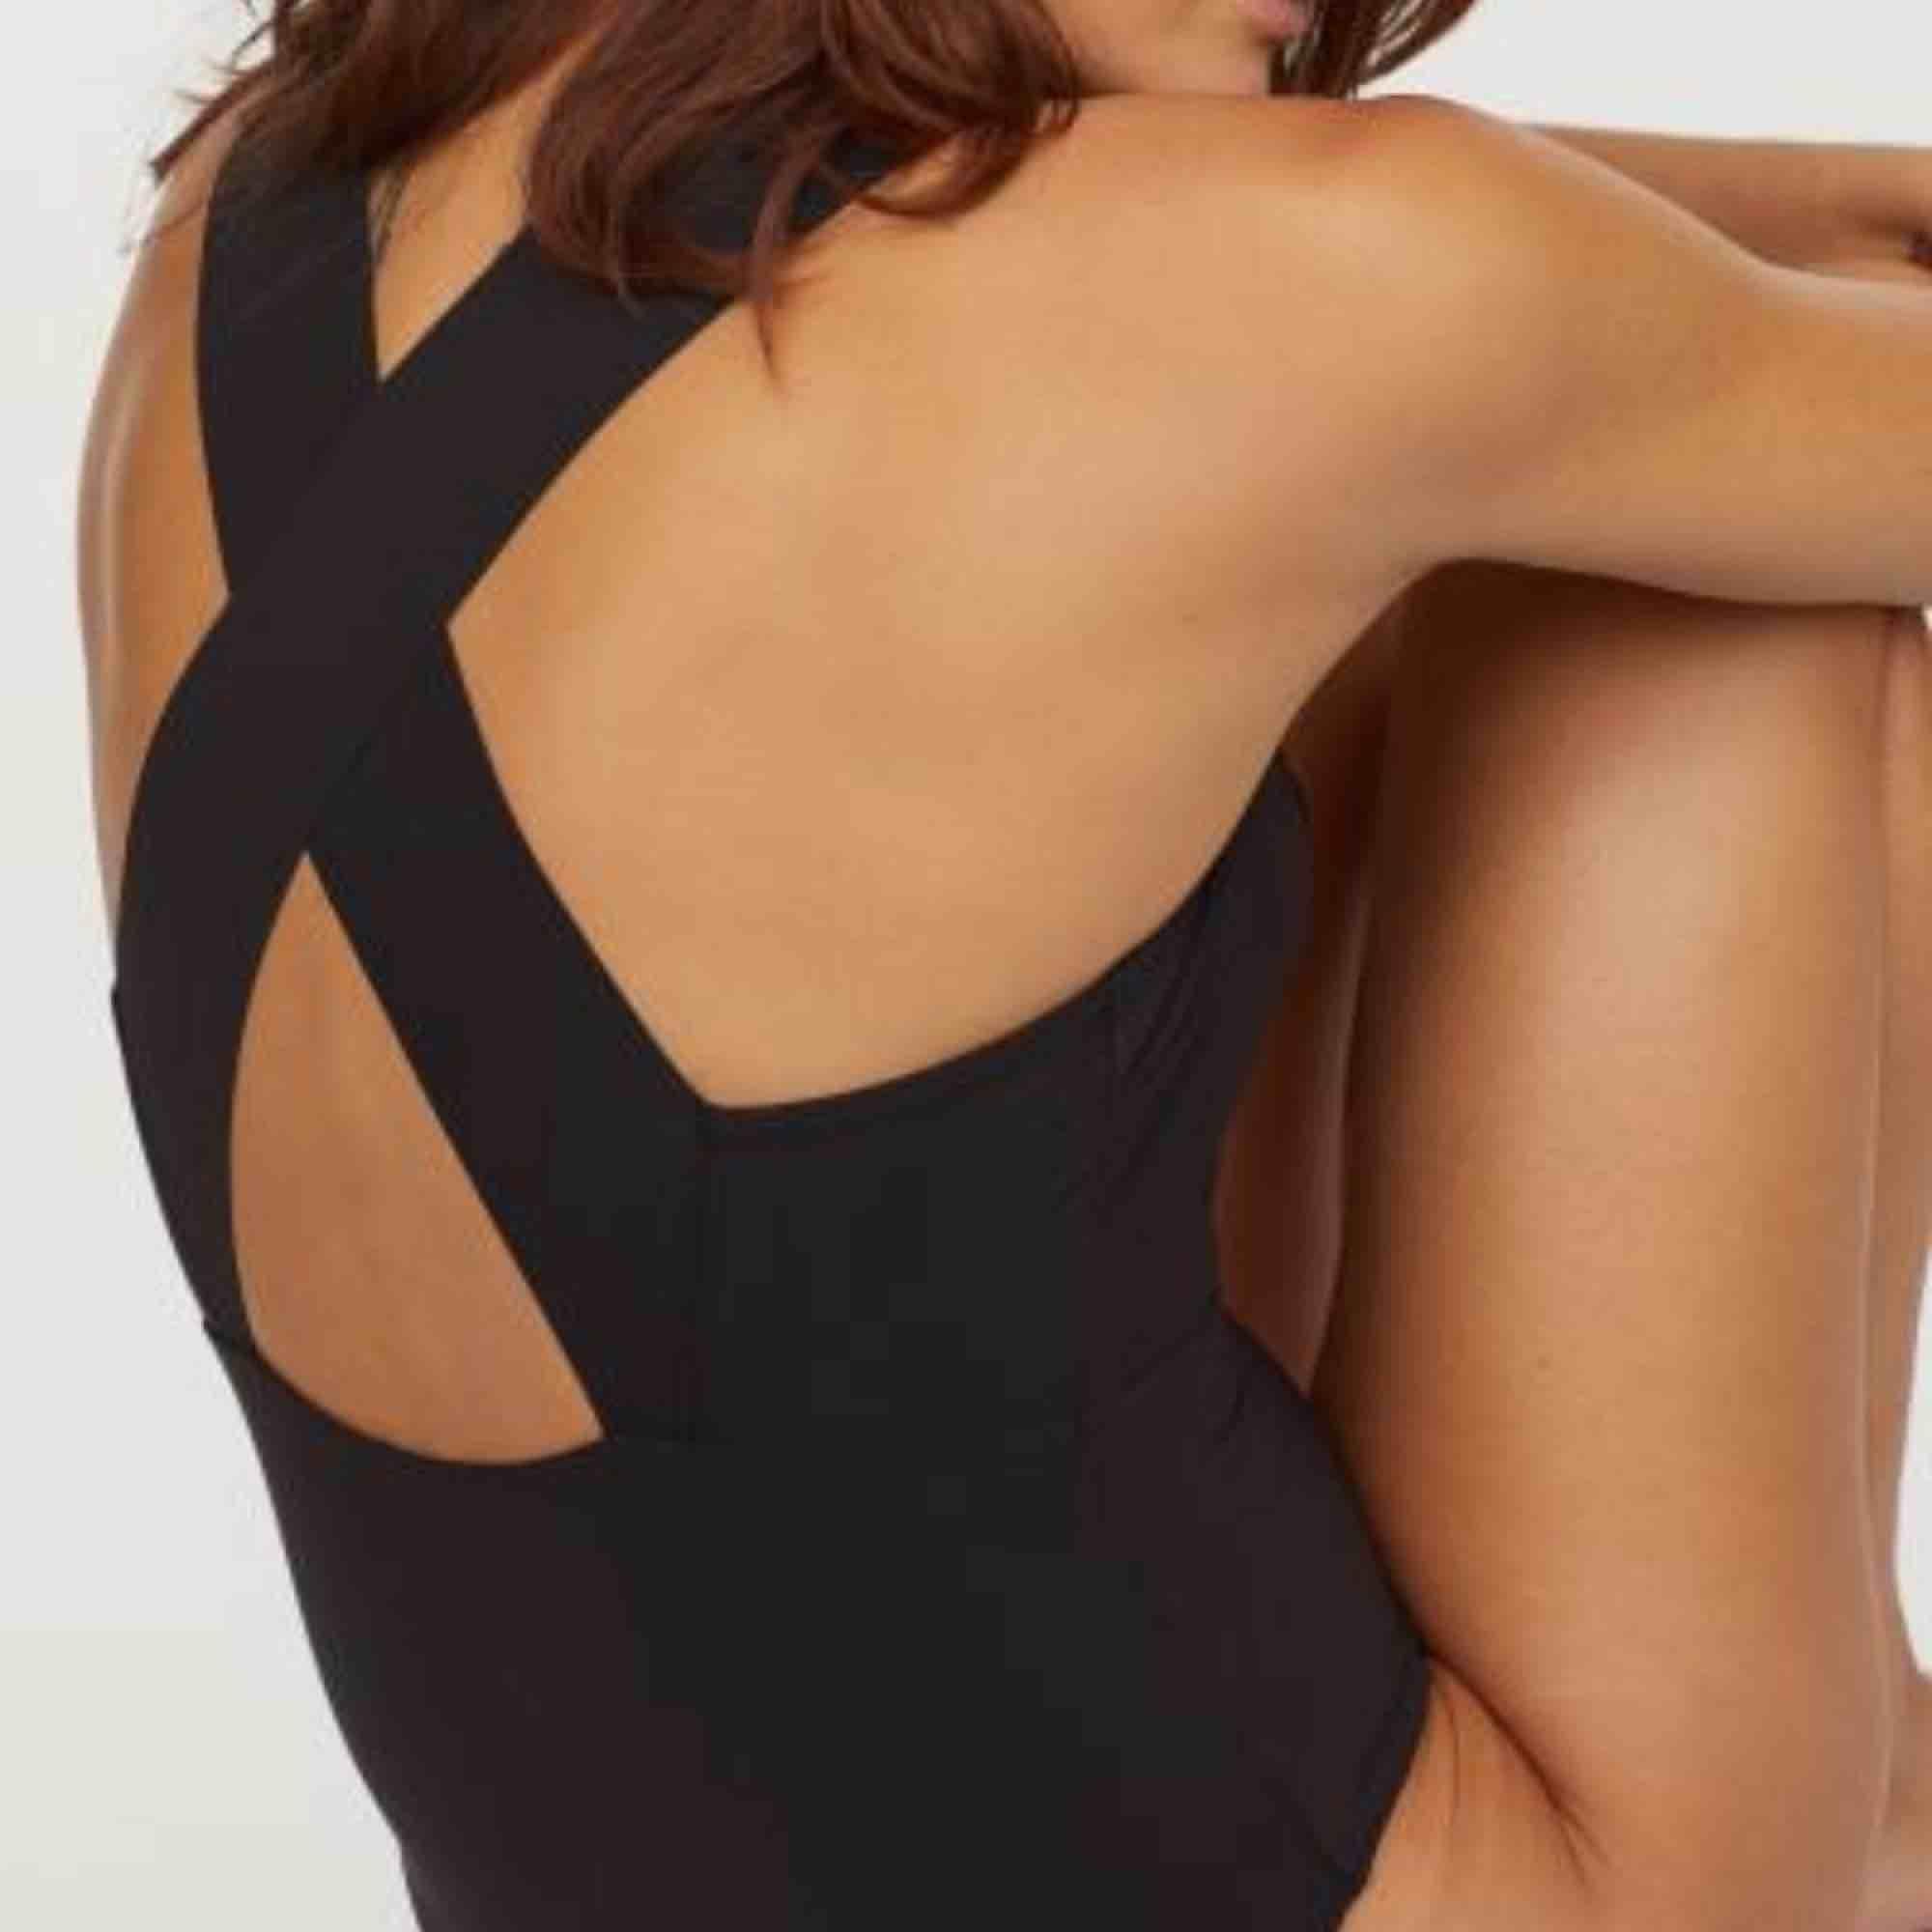 Svart baddräkt med urringning och korsad rygg Köparen står för frakt  Xs-s. Klänningar.